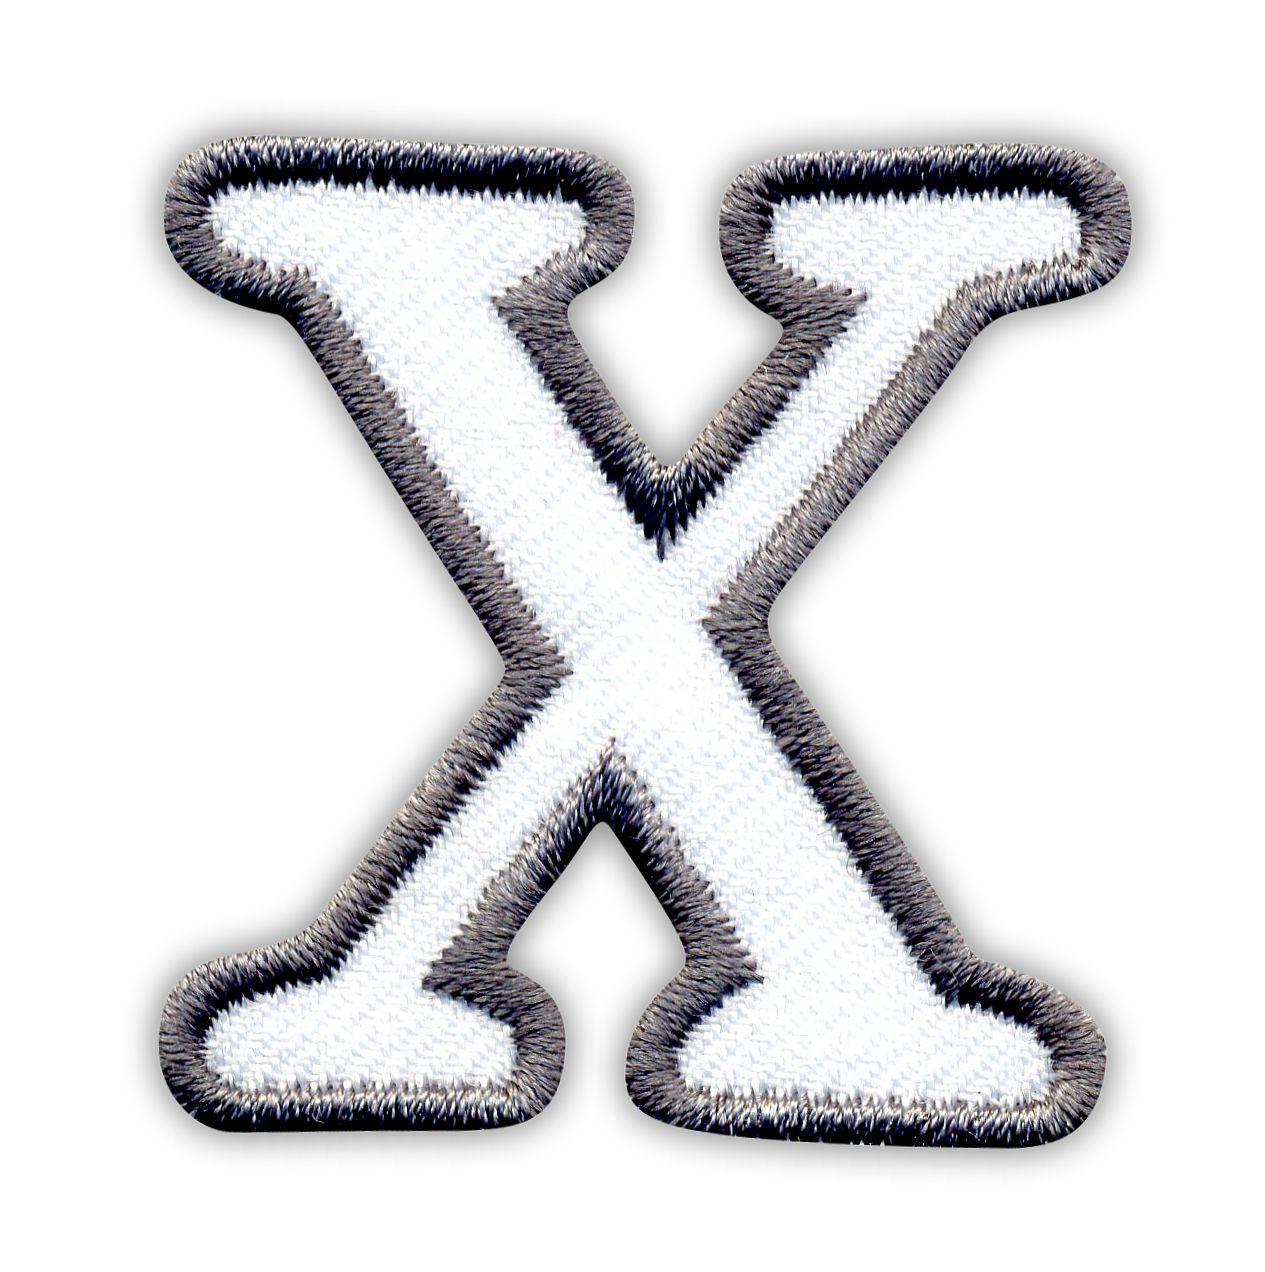 Litera X Białe Tło Szare Obszycie Naszywki24pl Sklep